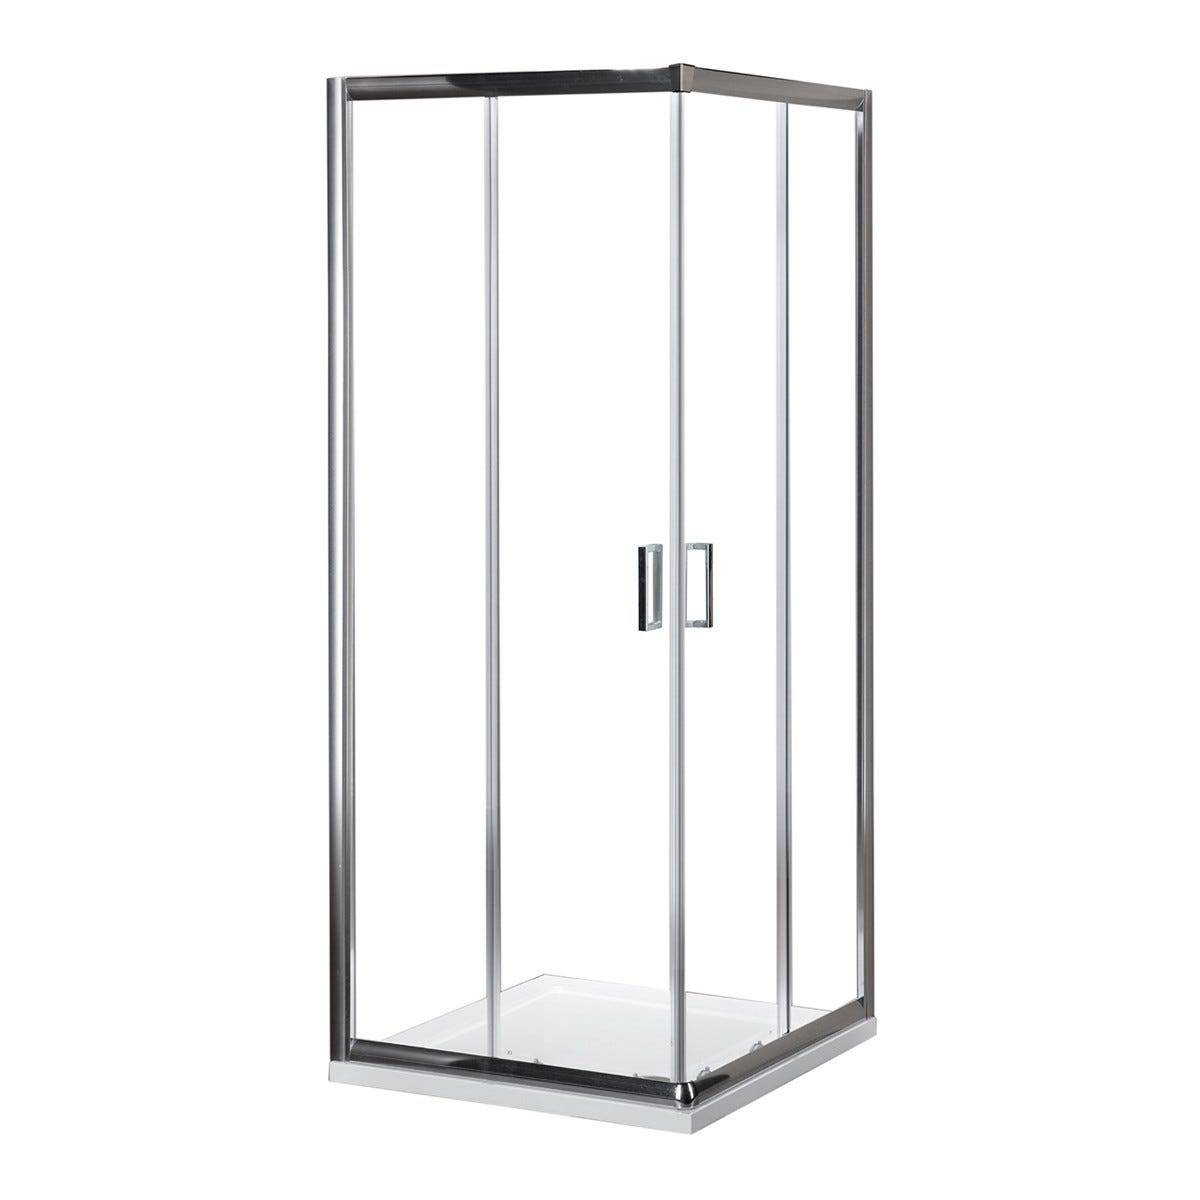 box doccia tito (68-70)x(88-90) h 190 cm vetro temperato trasparente 6 mm profili cromati